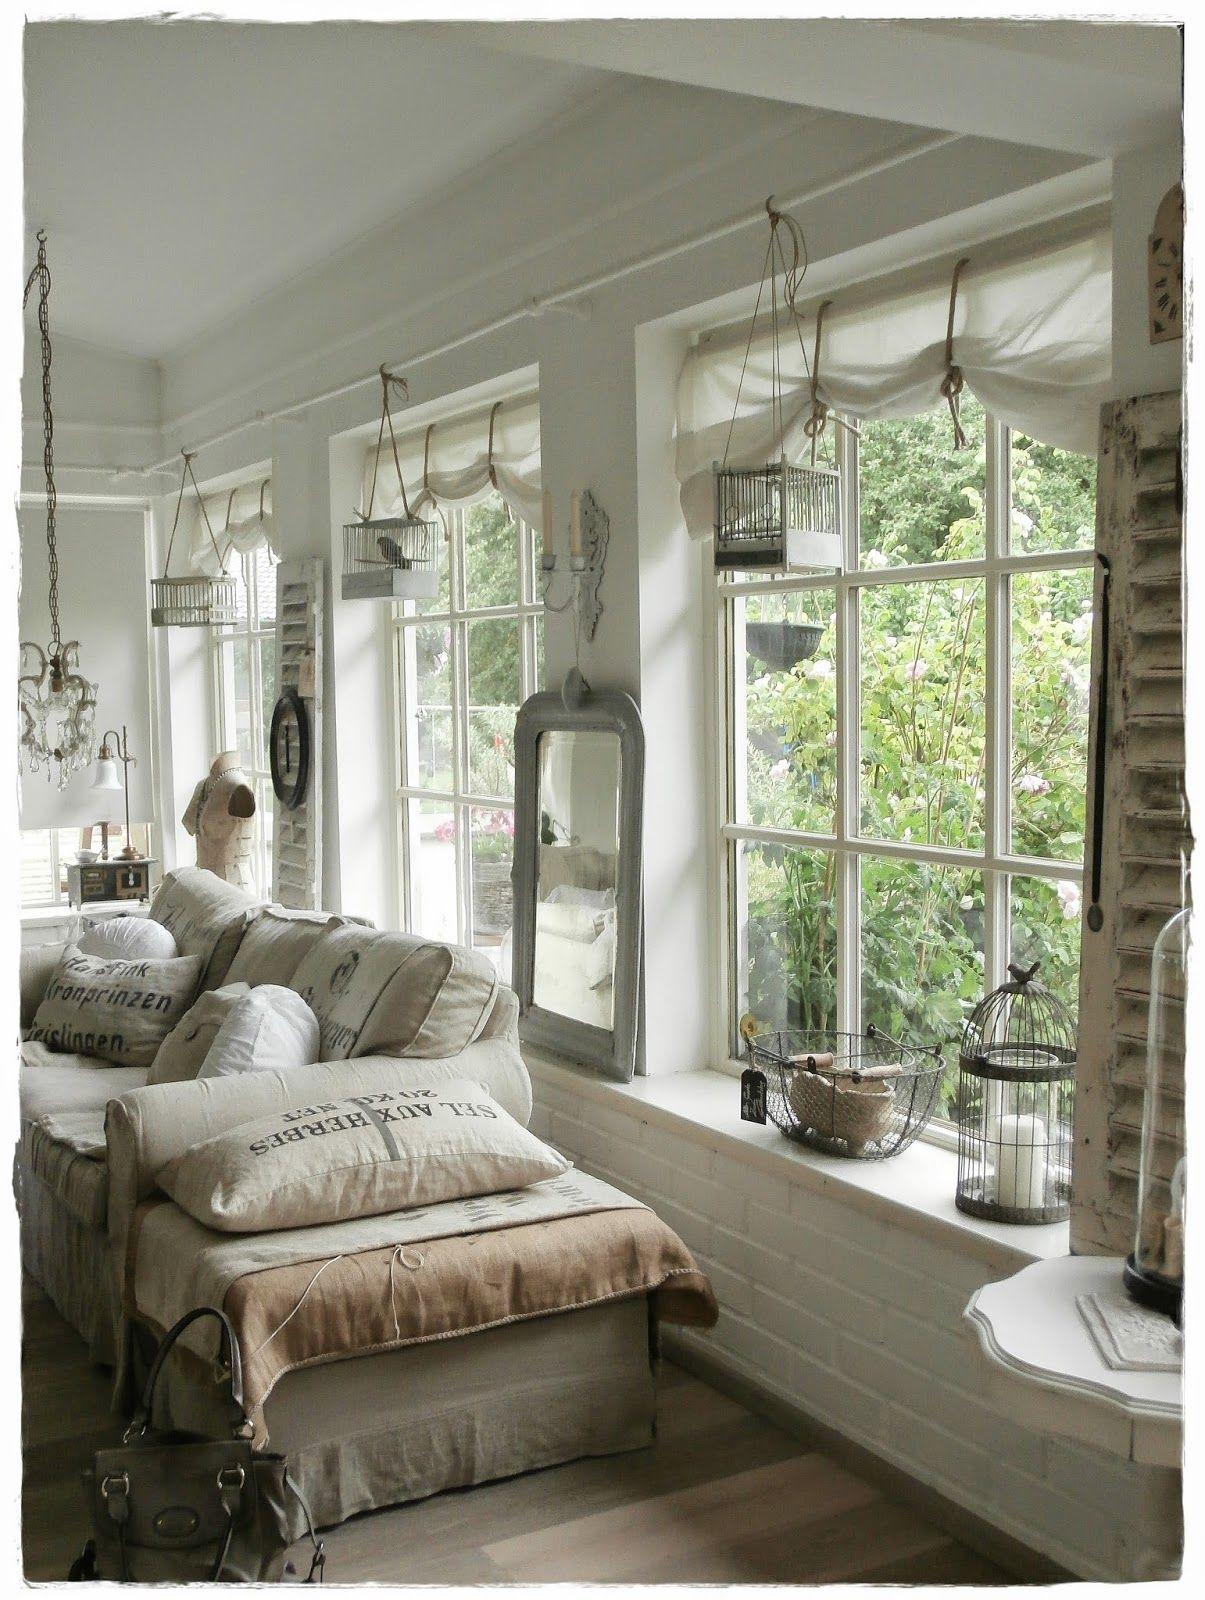 Shabby Landhaus Wohnen, Wohnung, Chic wohnzimmer